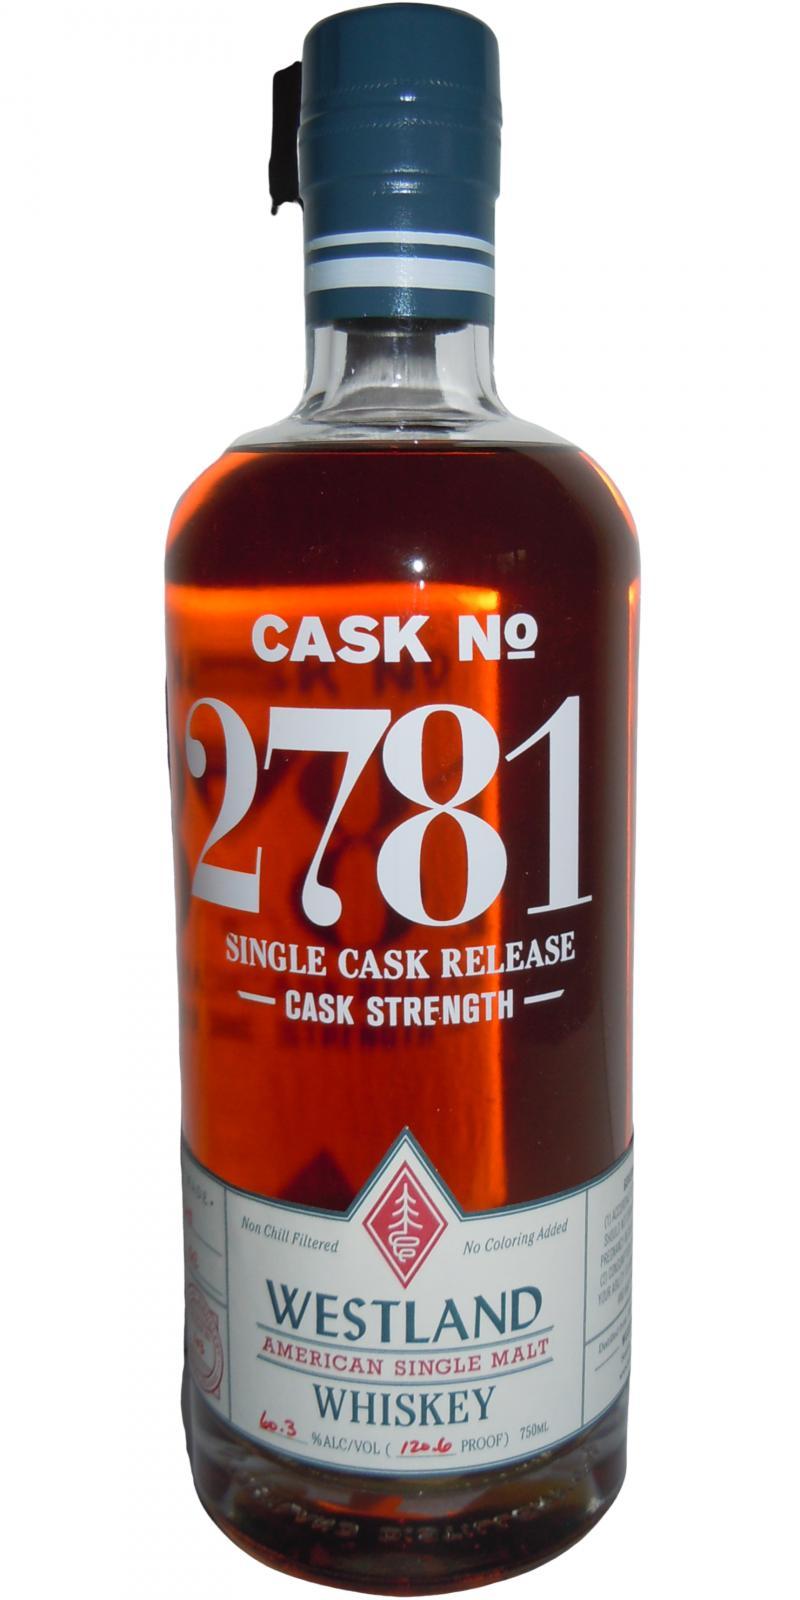 Westland Cask No. 2781